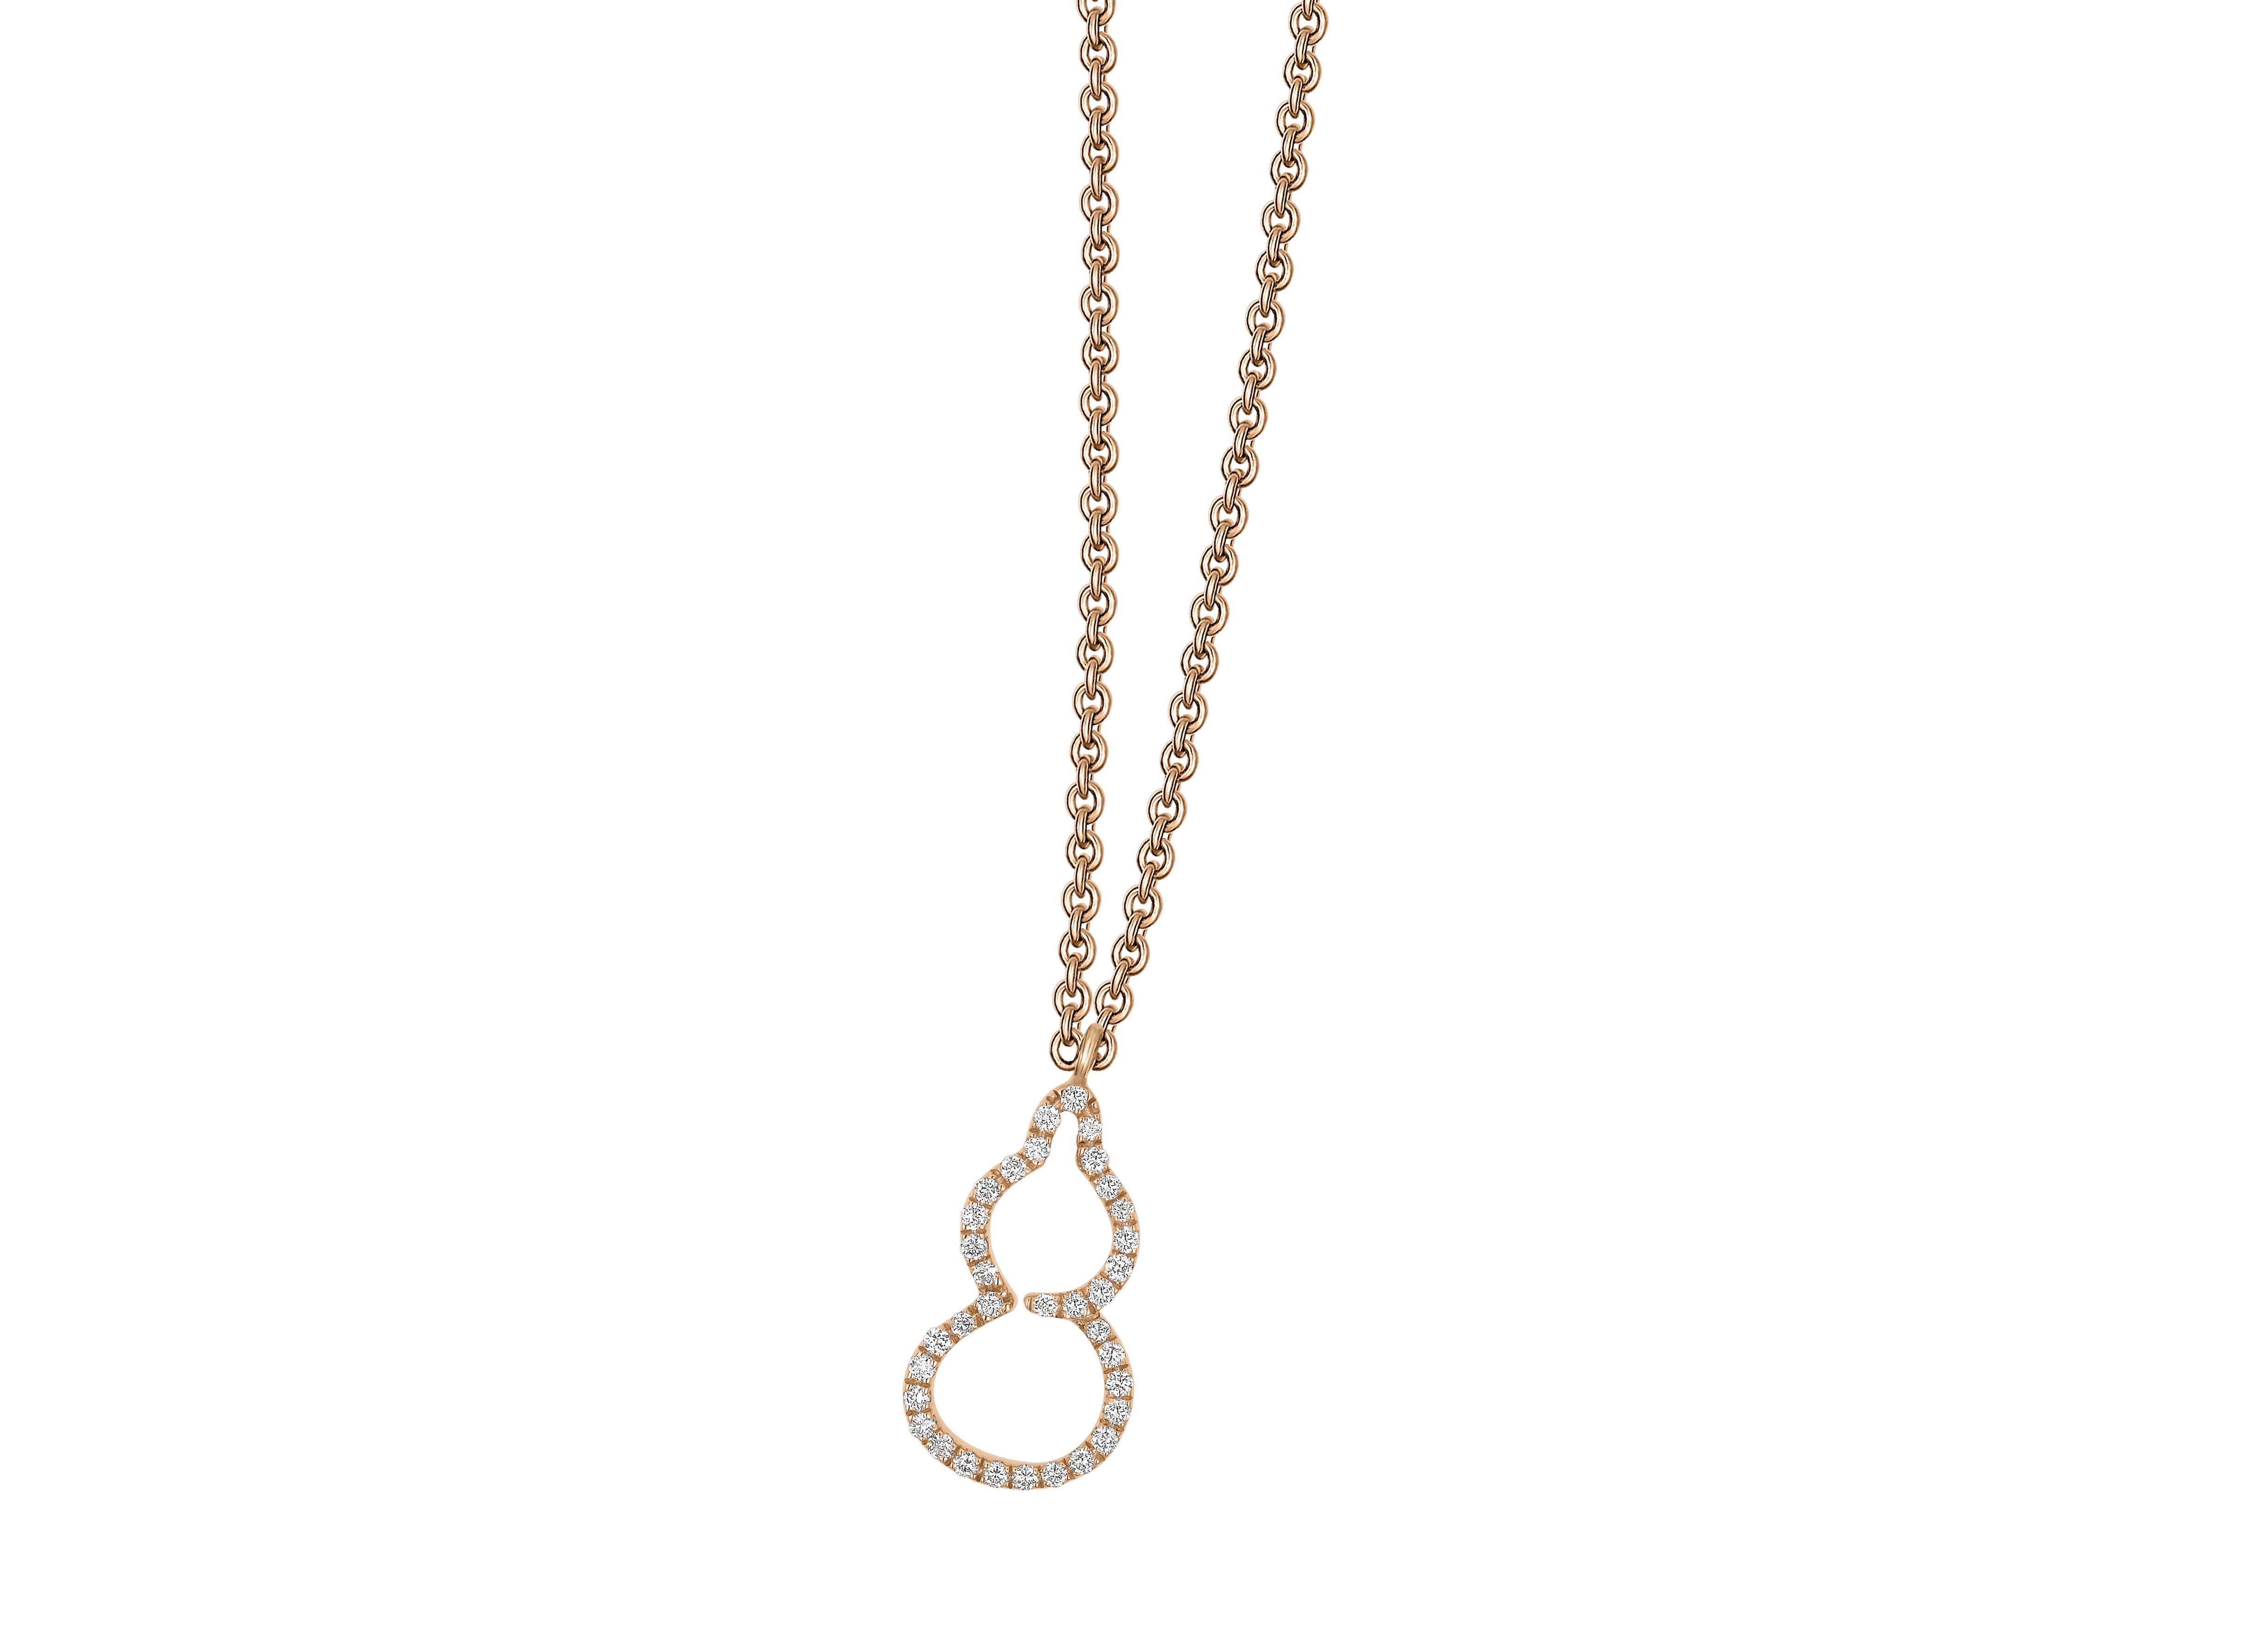 鑽石葫蘆項鍊